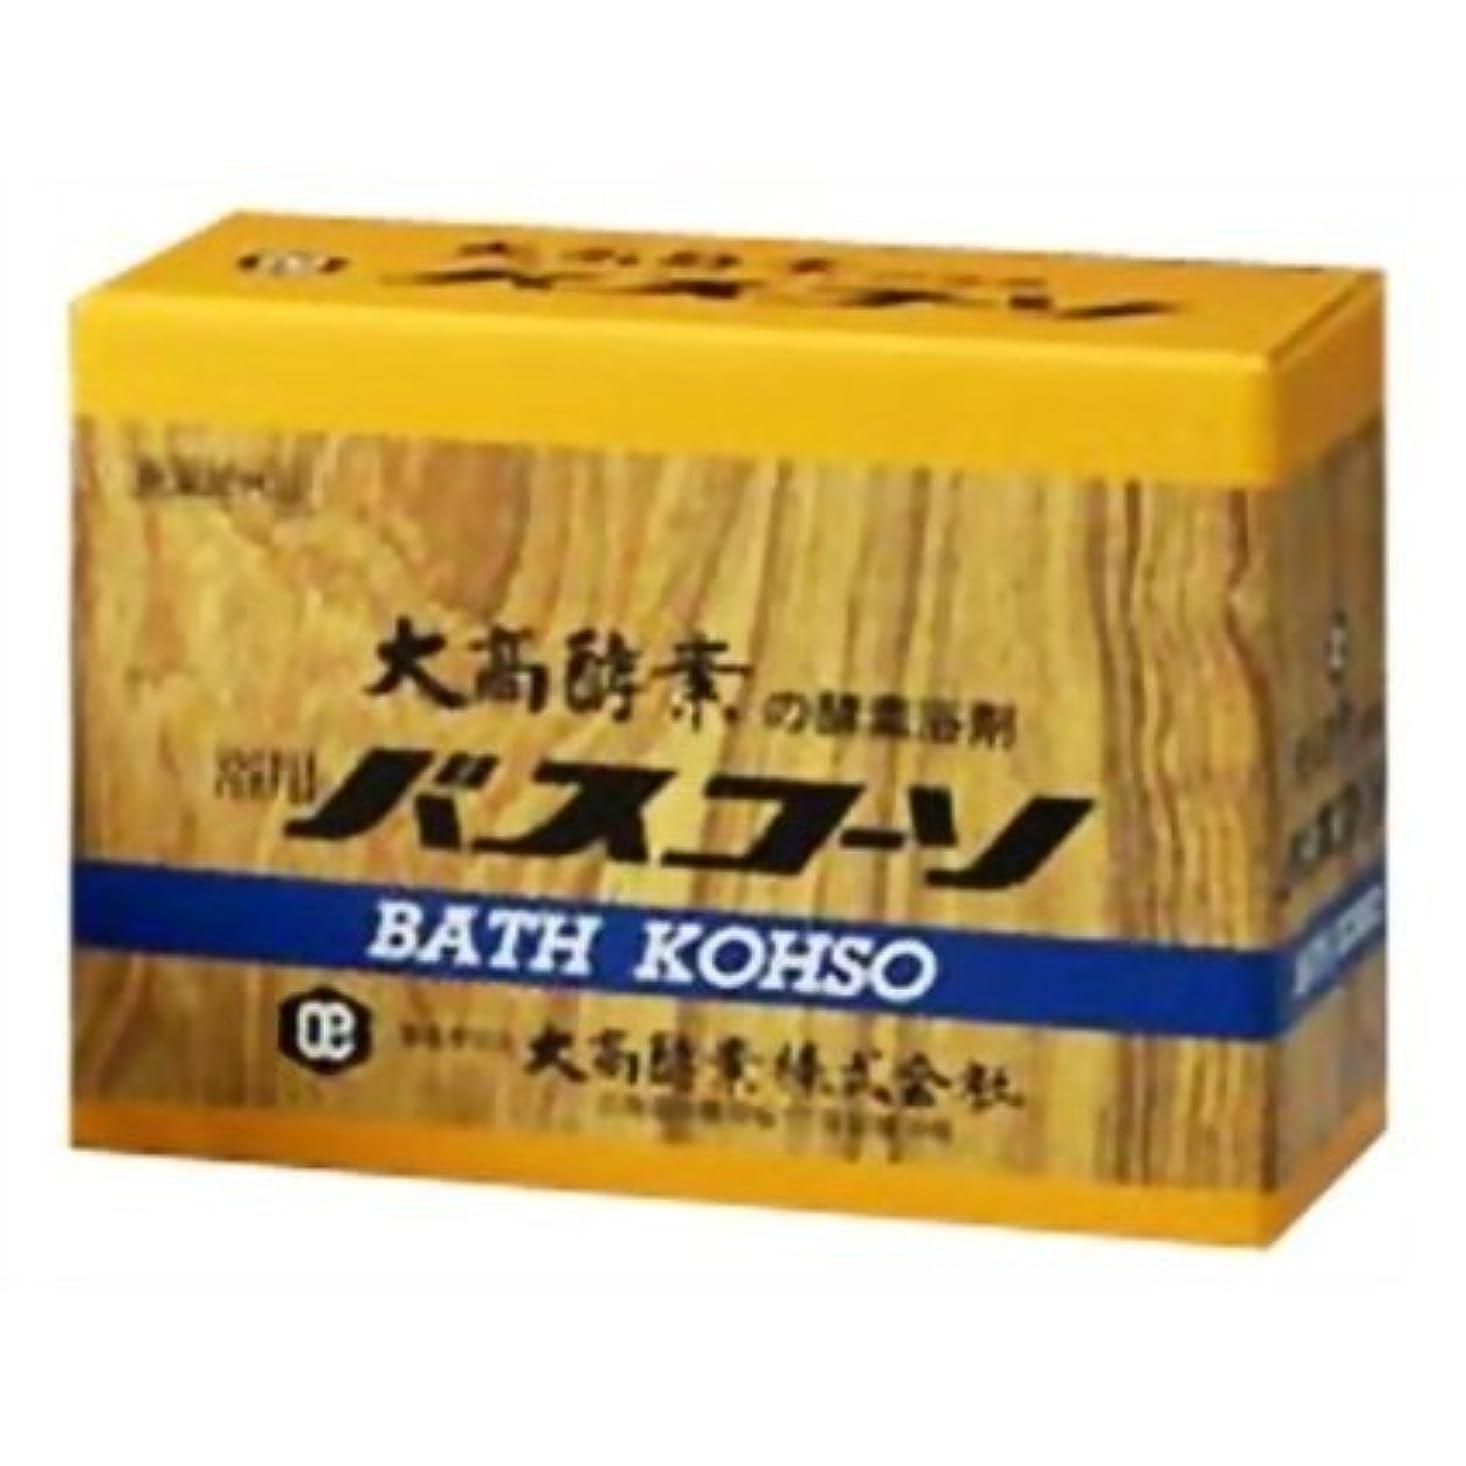 最も早いうねる方程式大高酵素 浴用バスコーソ 100gx6 【4個セット】